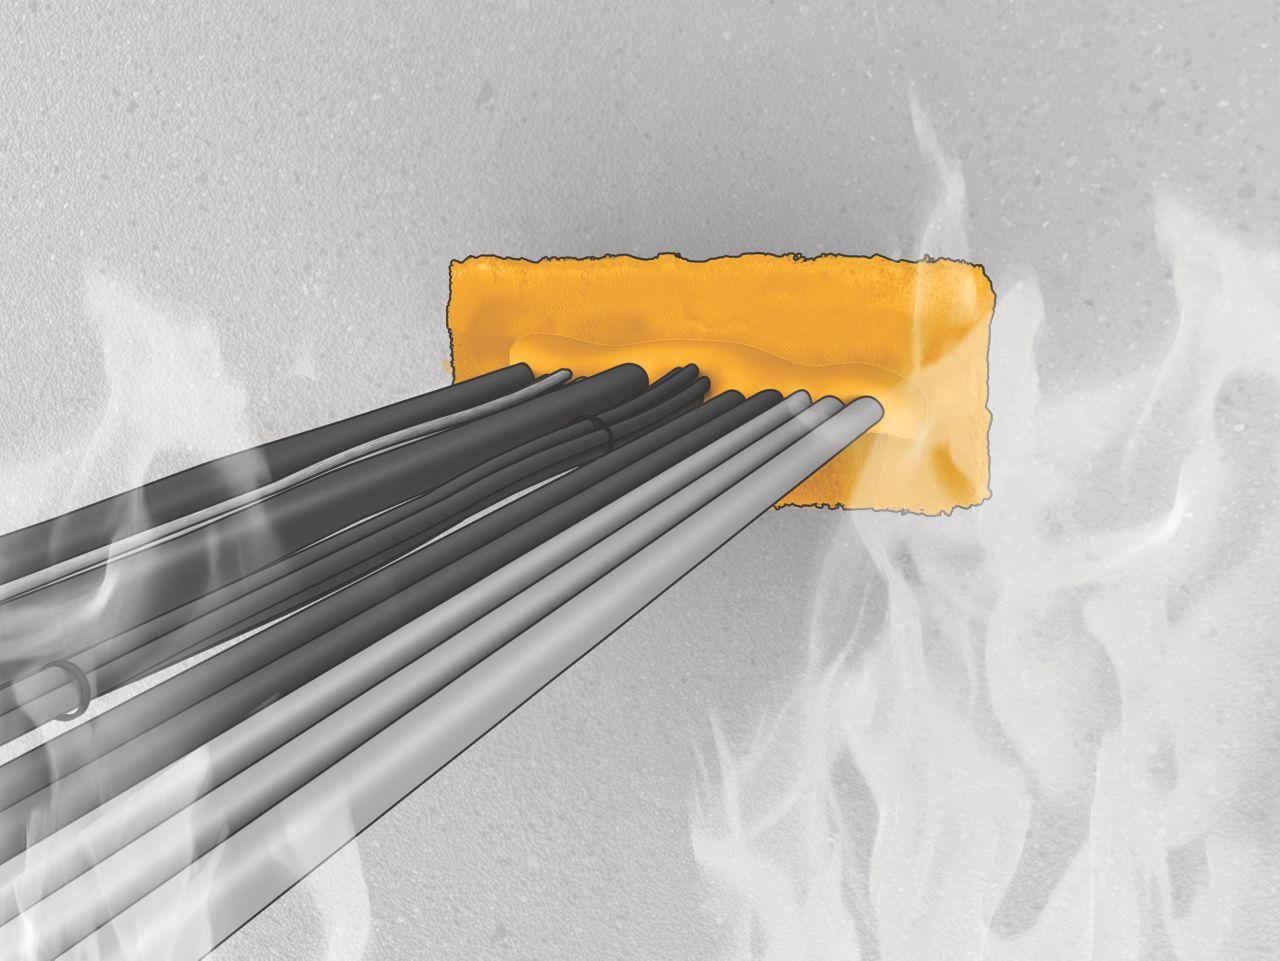 Passivt brandskydd-Genomföring